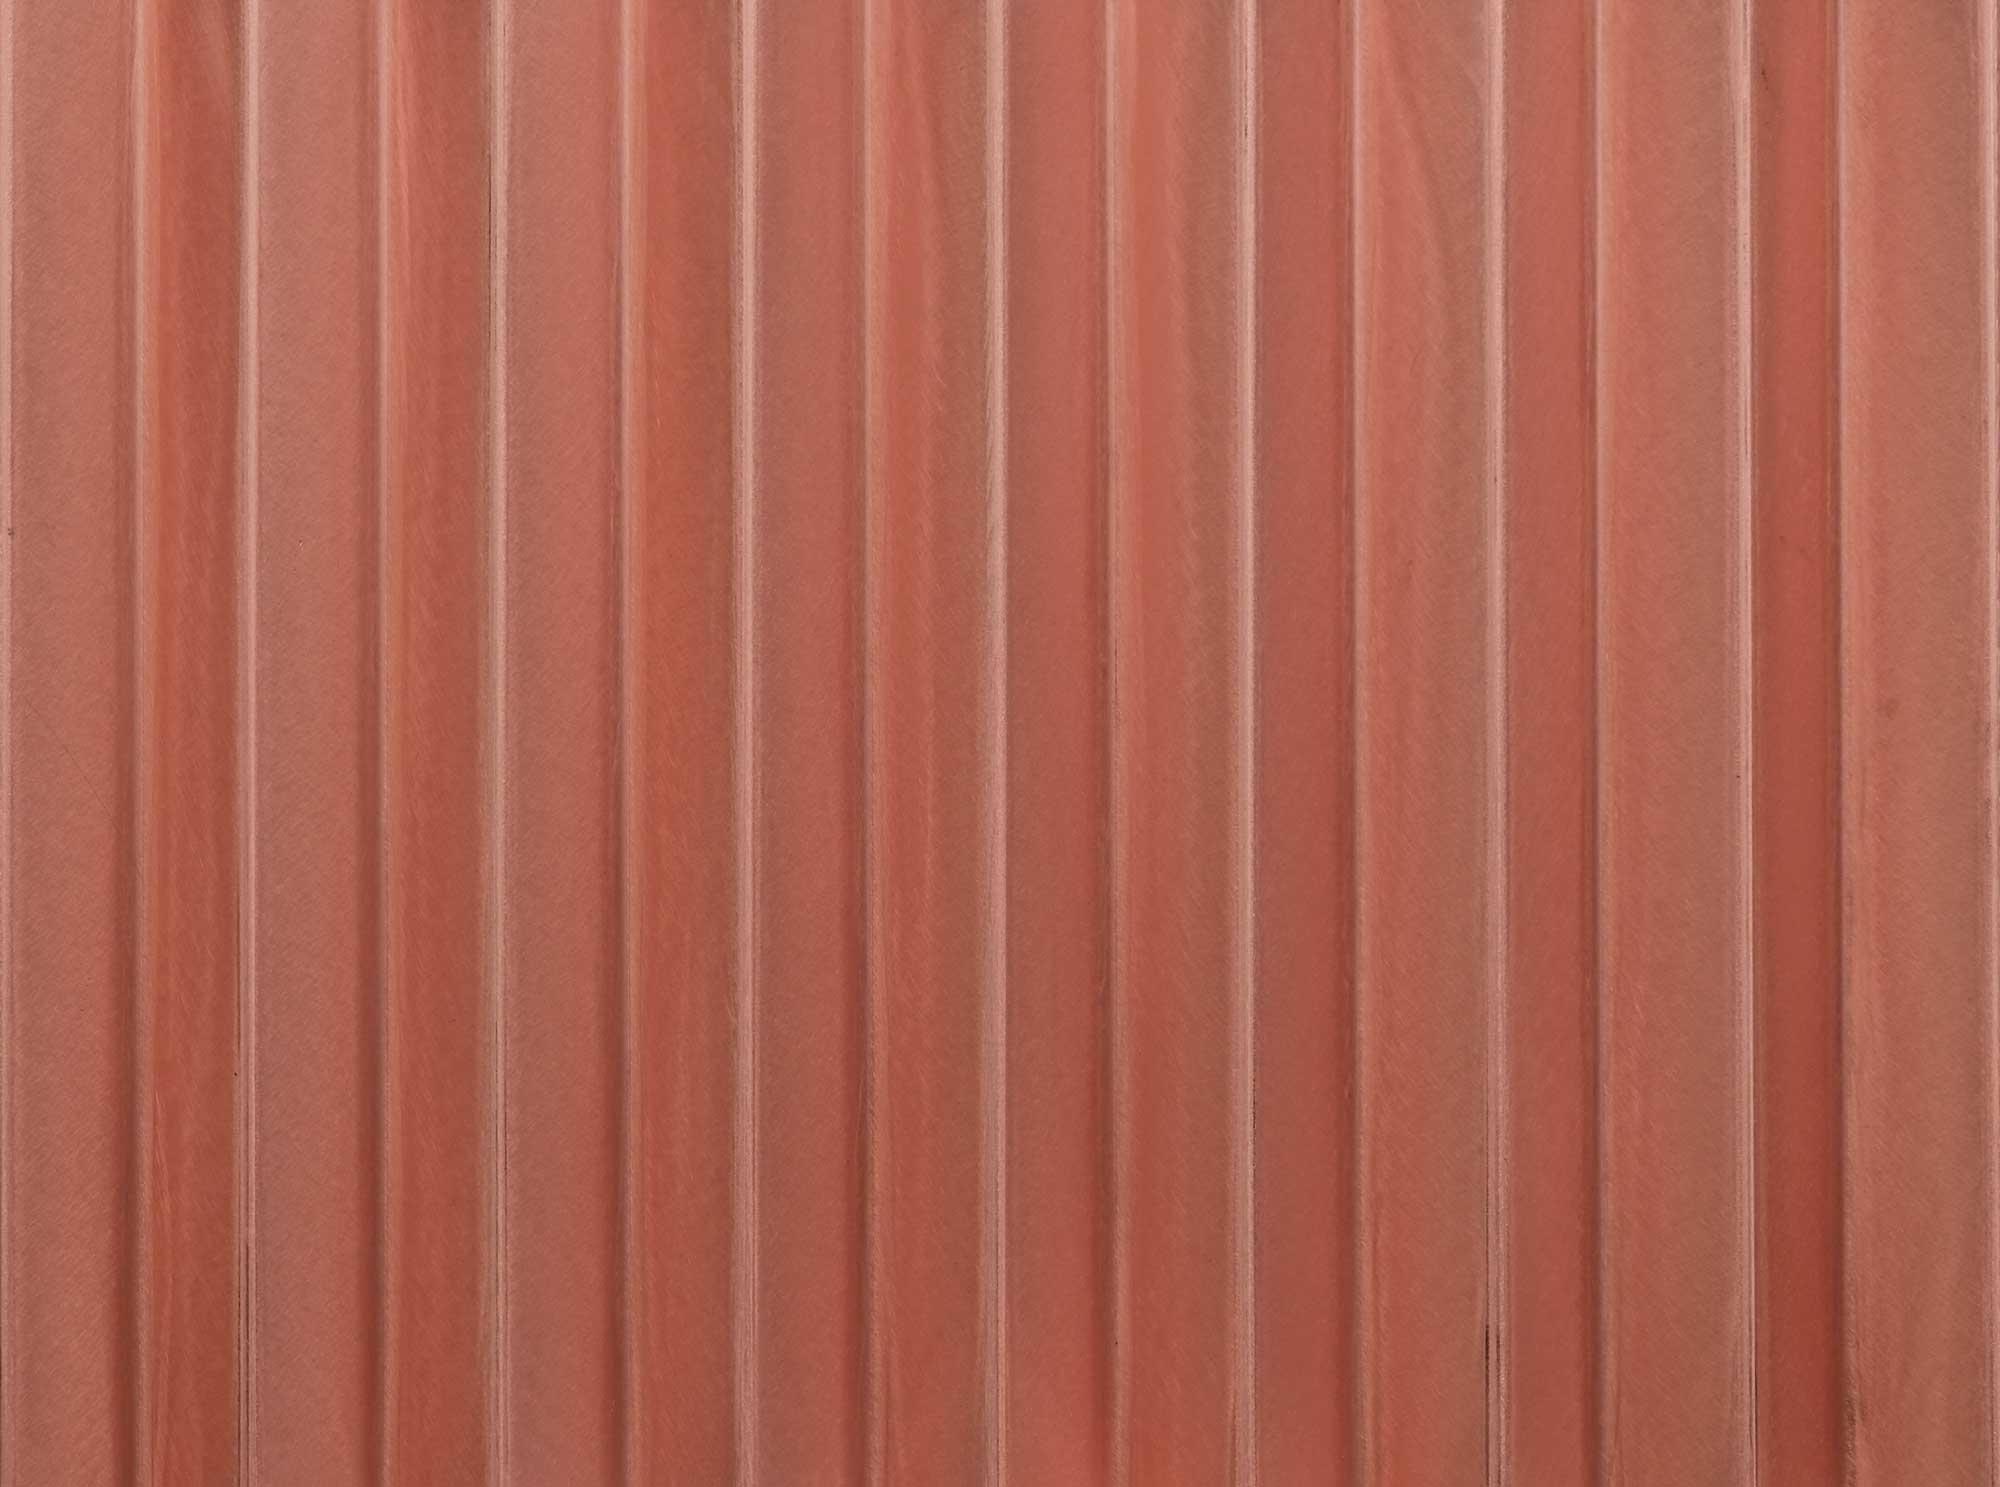 wandpaneele-metall-kupfer-gewellt-faltenwurf